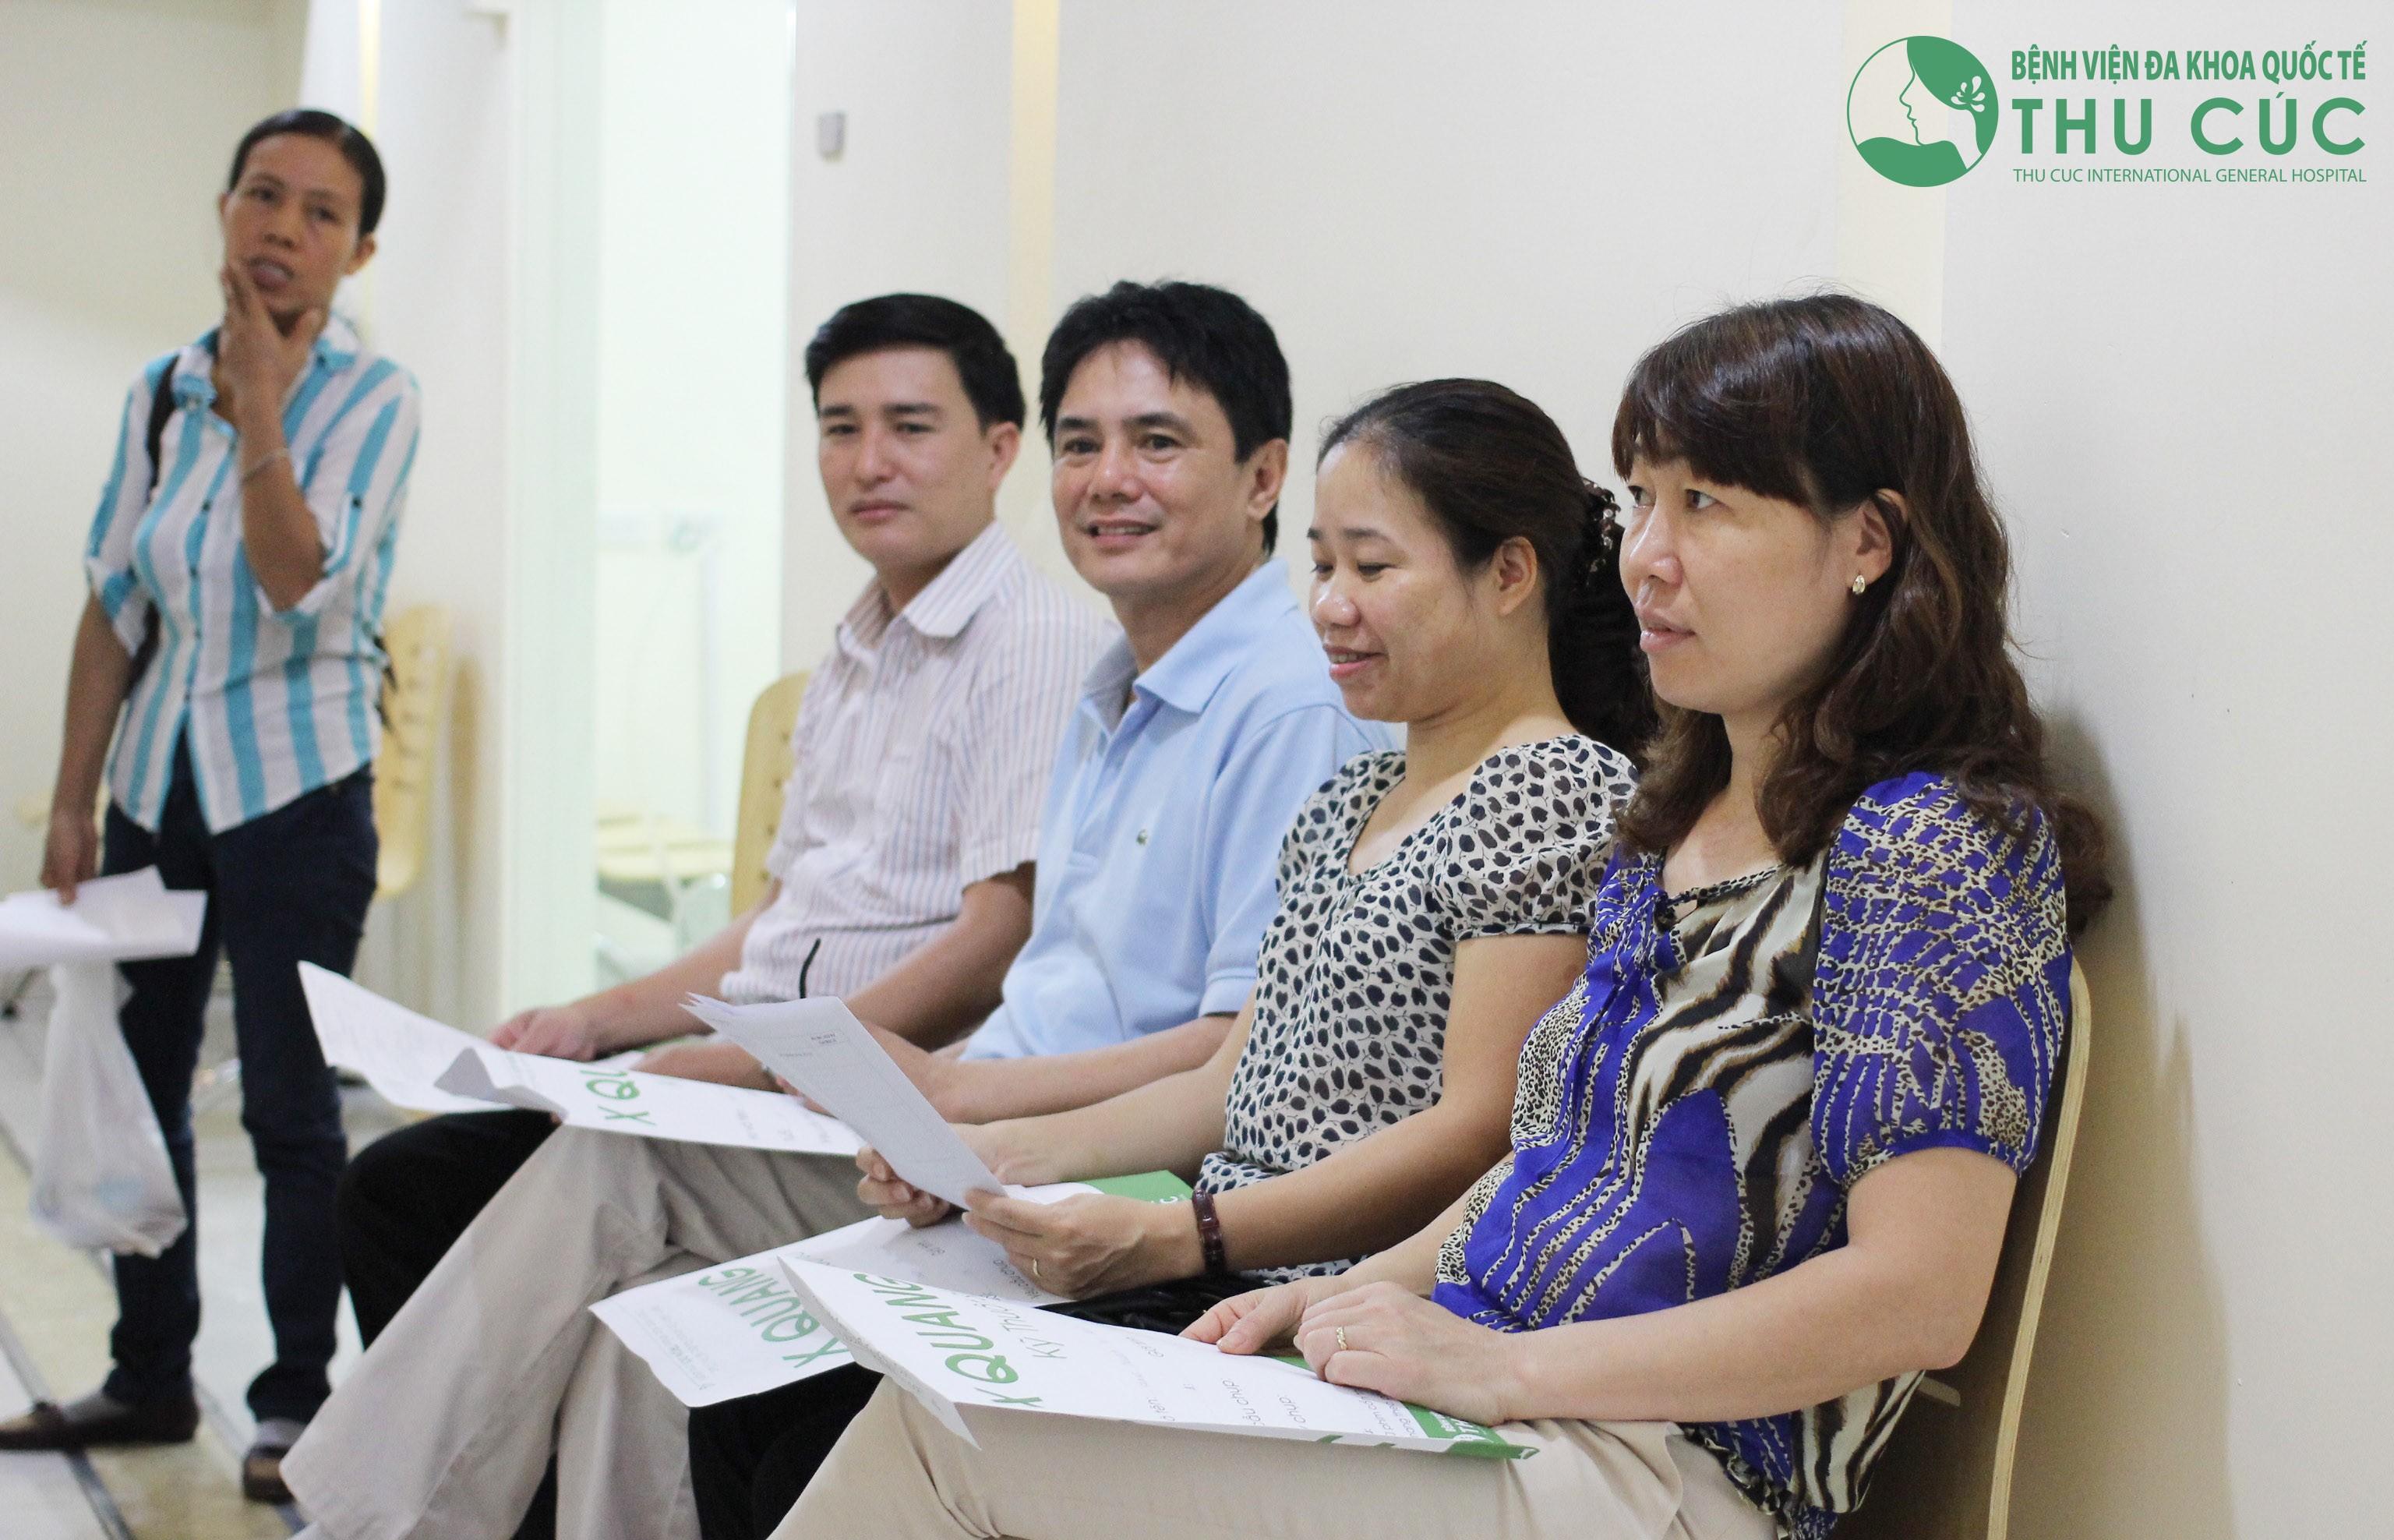 Dịch vụ khám sức khỏe định kỳ tại bệnh viện Thu Cúc